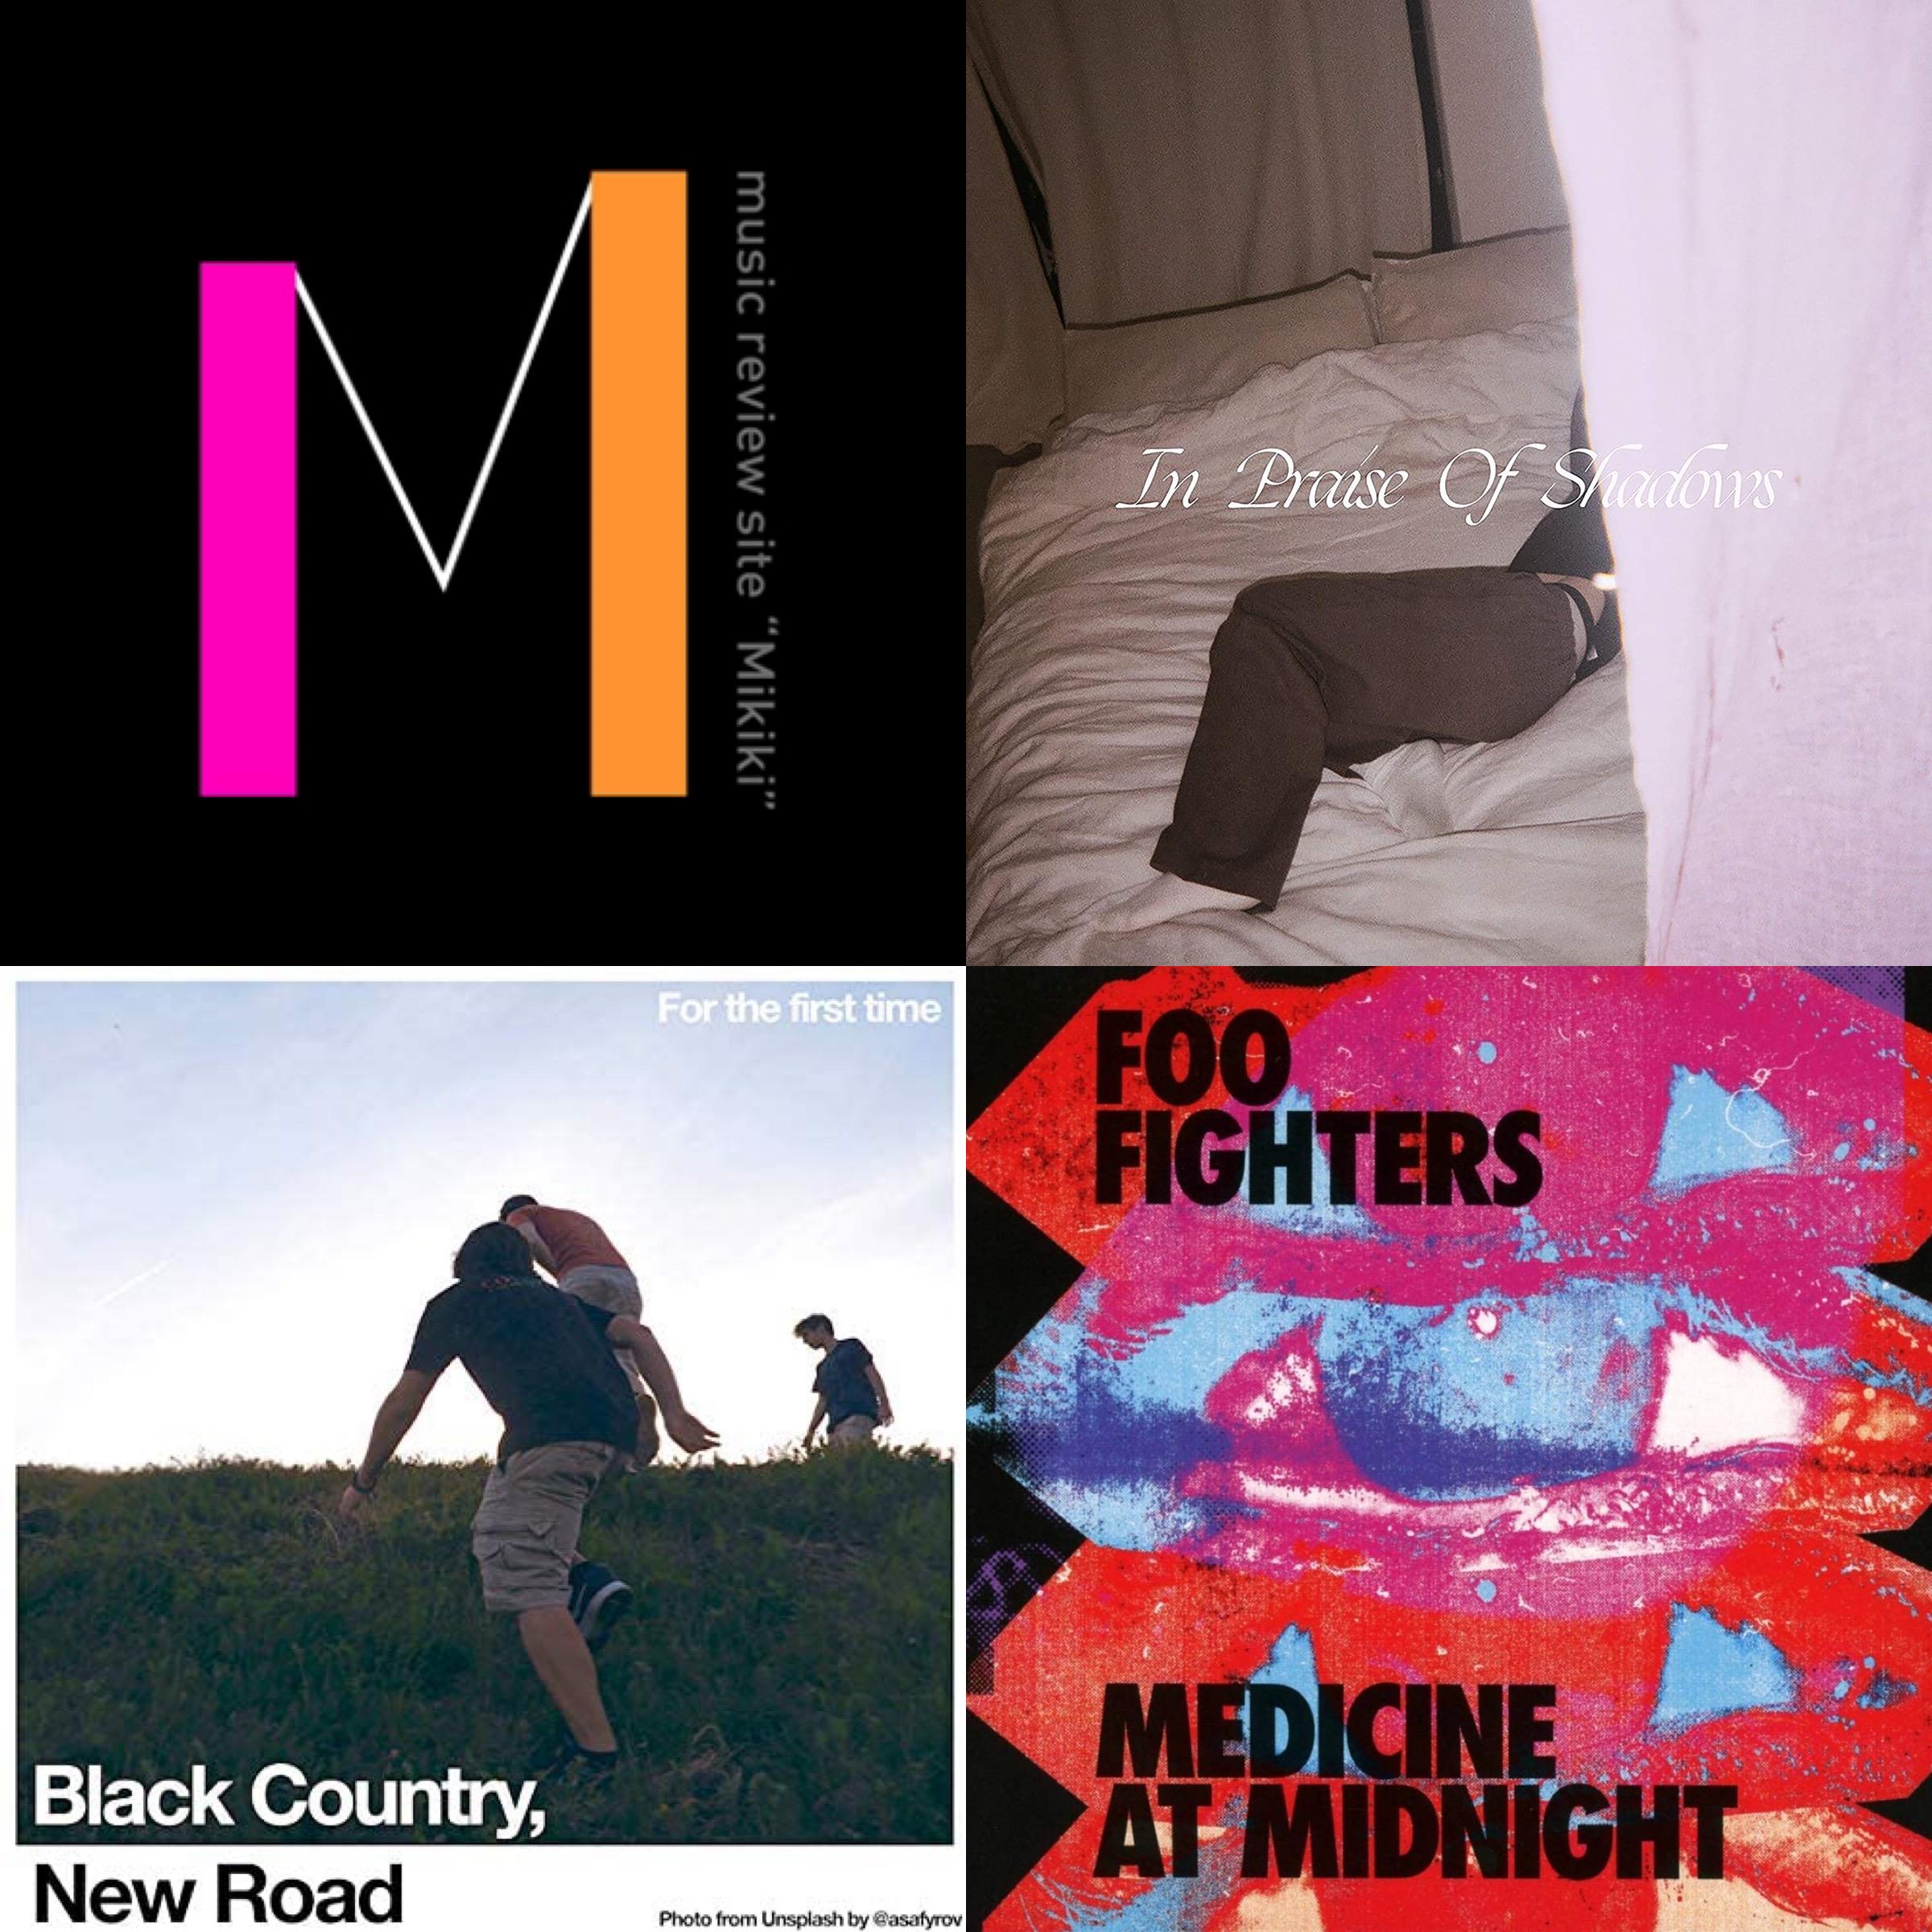 フー・ファイターズ(Foo Fighters)、プーマ・ブルー(Puma Blue)など今週リリースのMikiki推し洋楽アルバム/EP7選!